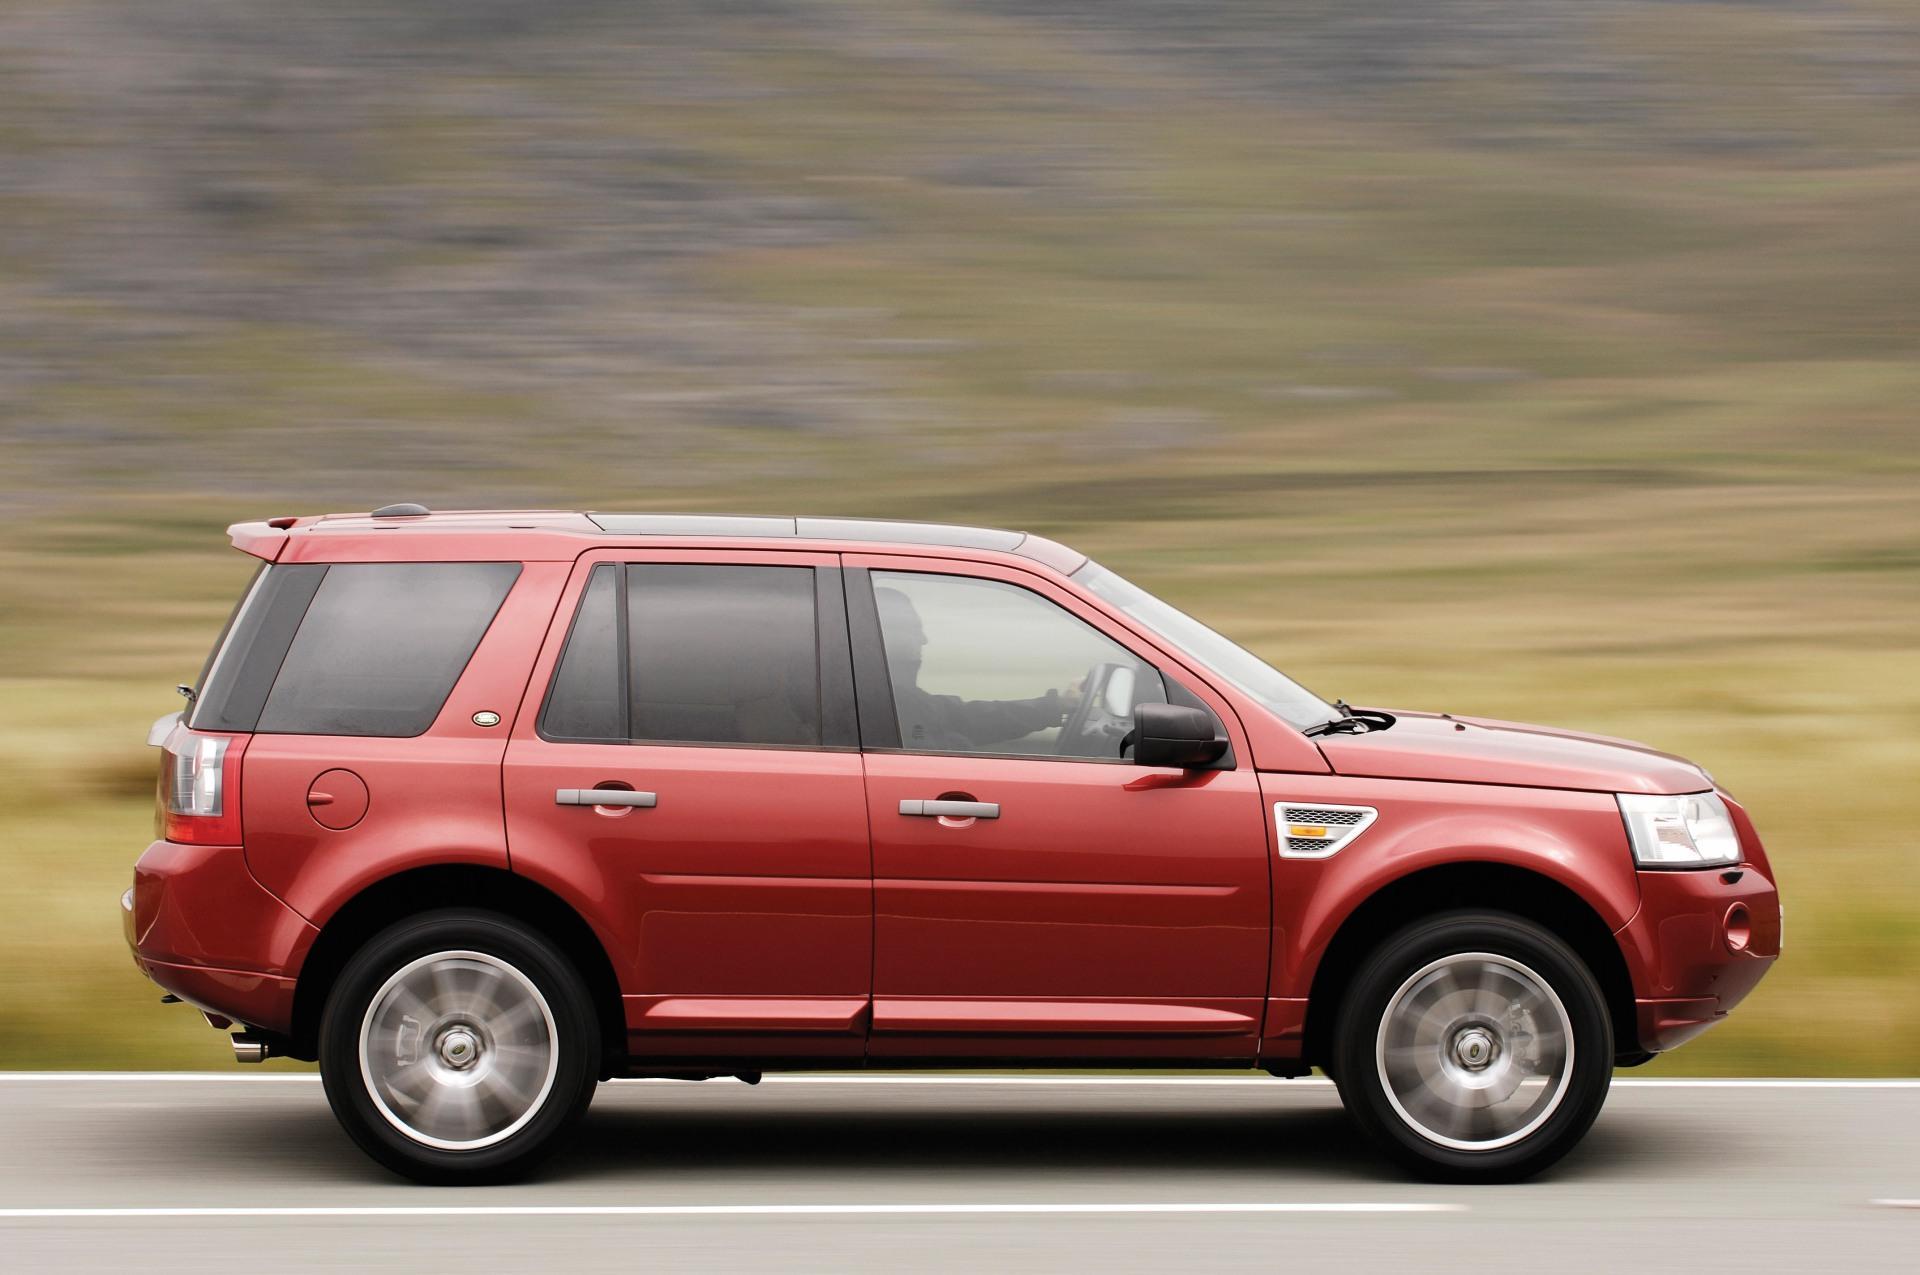 2010 Land Rover LR2 conceptcarz